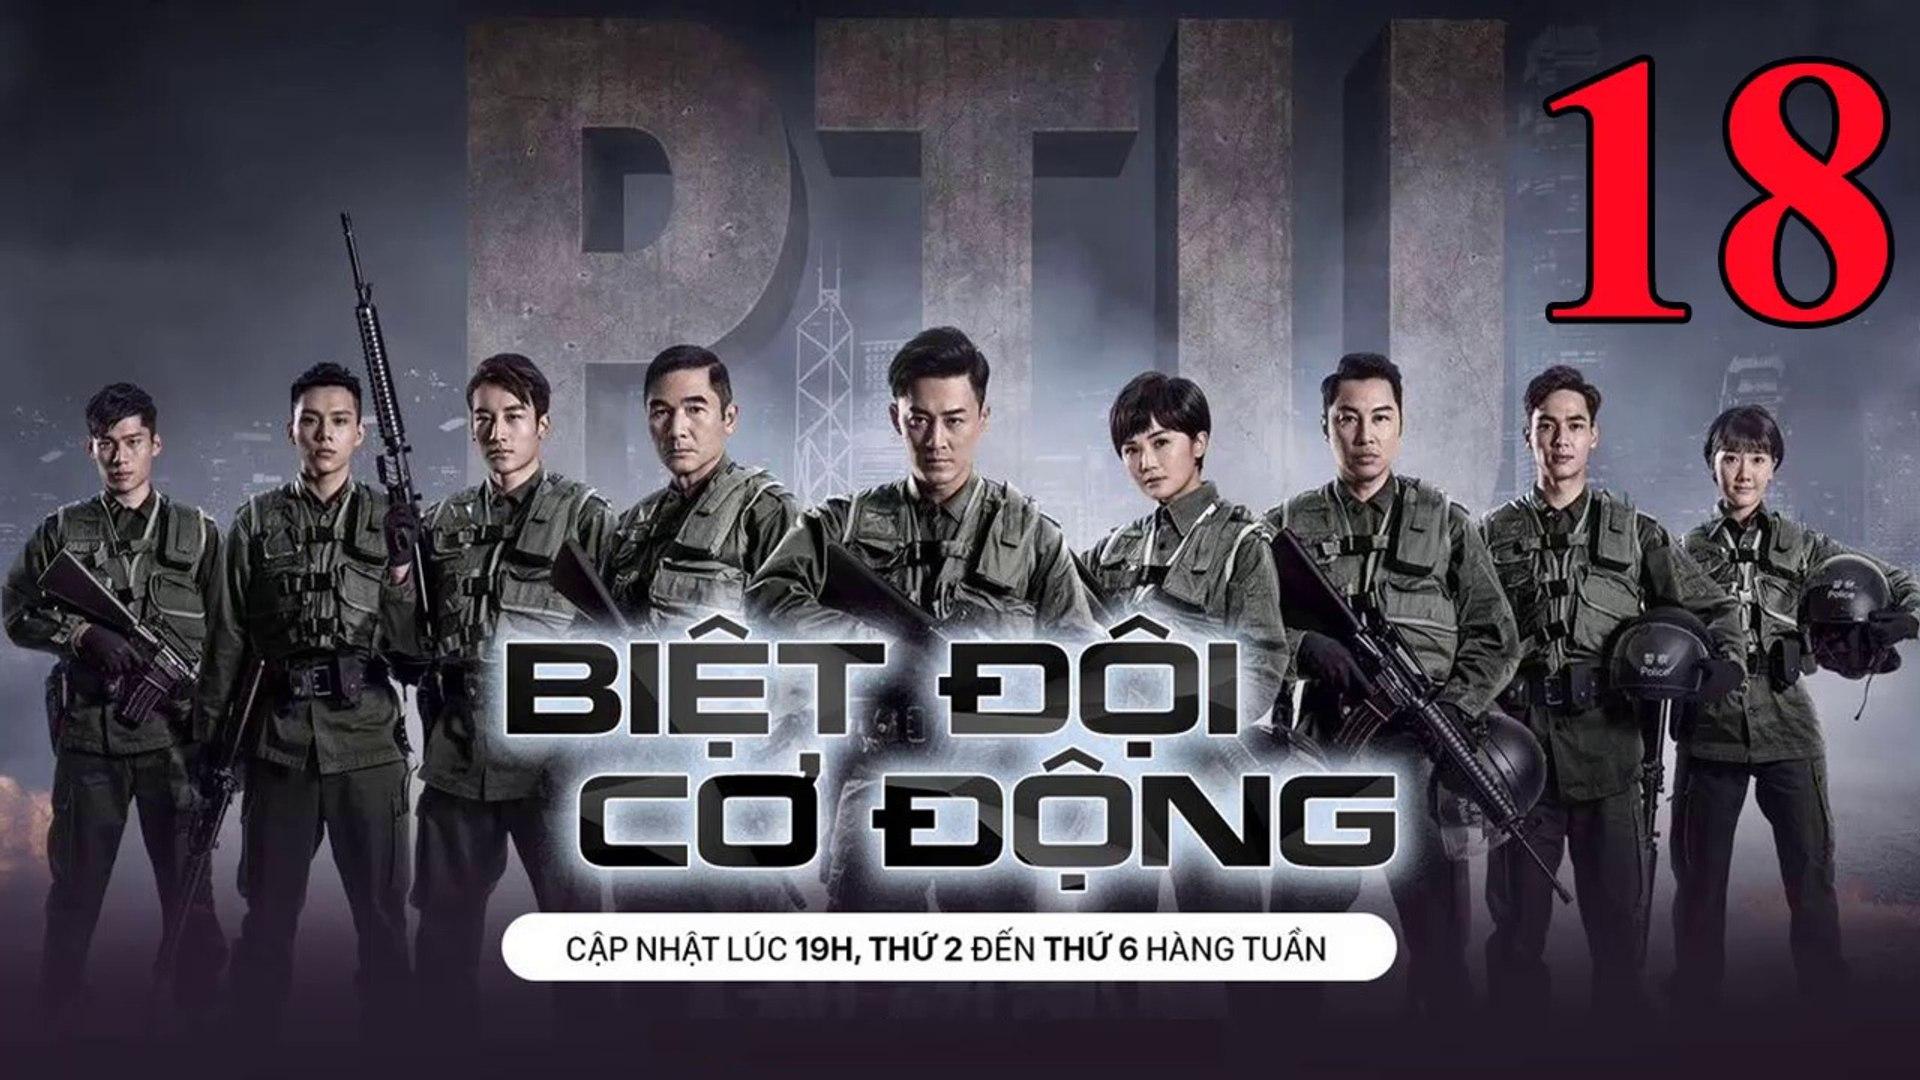 Phim Hành Động TVB: Biệt Đội Cơ Động Tập 18 Vietsub | 机动部队 Police Tactical Unit Ep.18 HD 2019